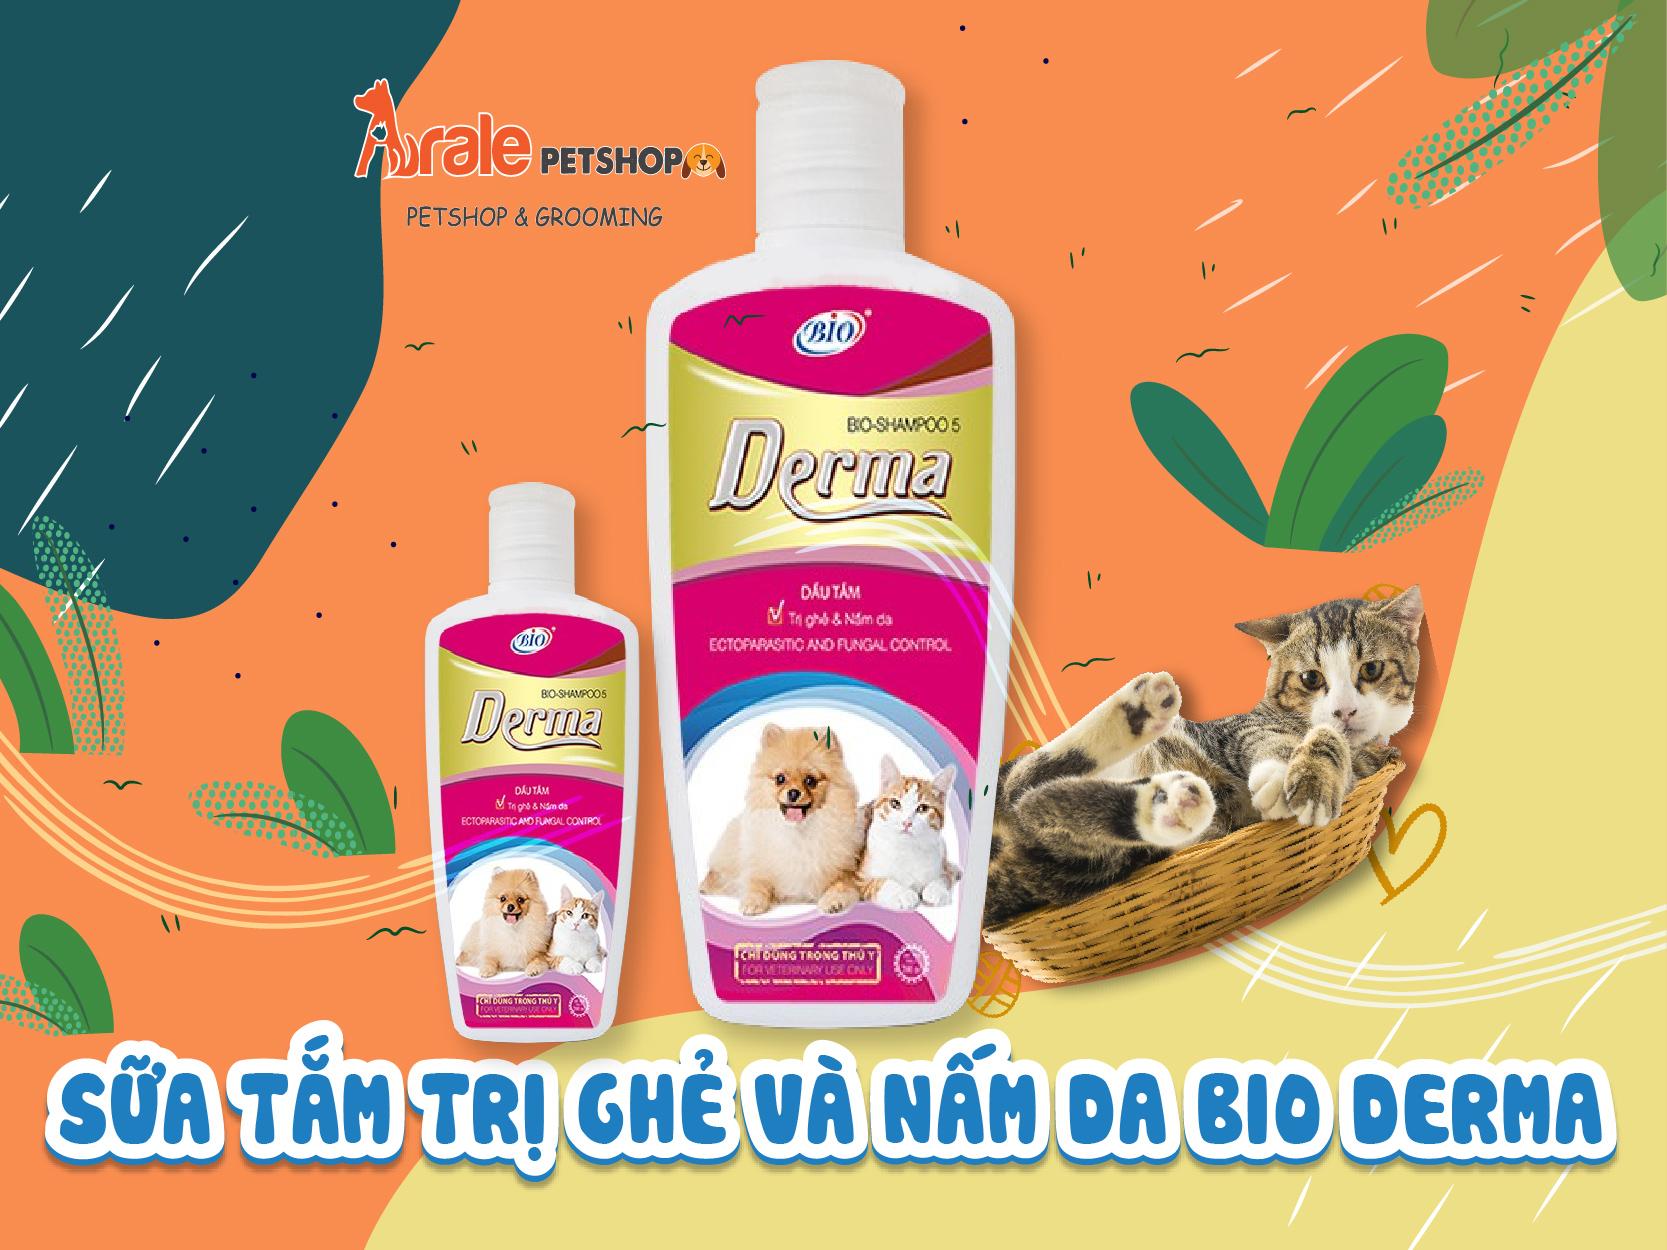 sữa tắm trị ghẻ, nấm da cho chó mèo